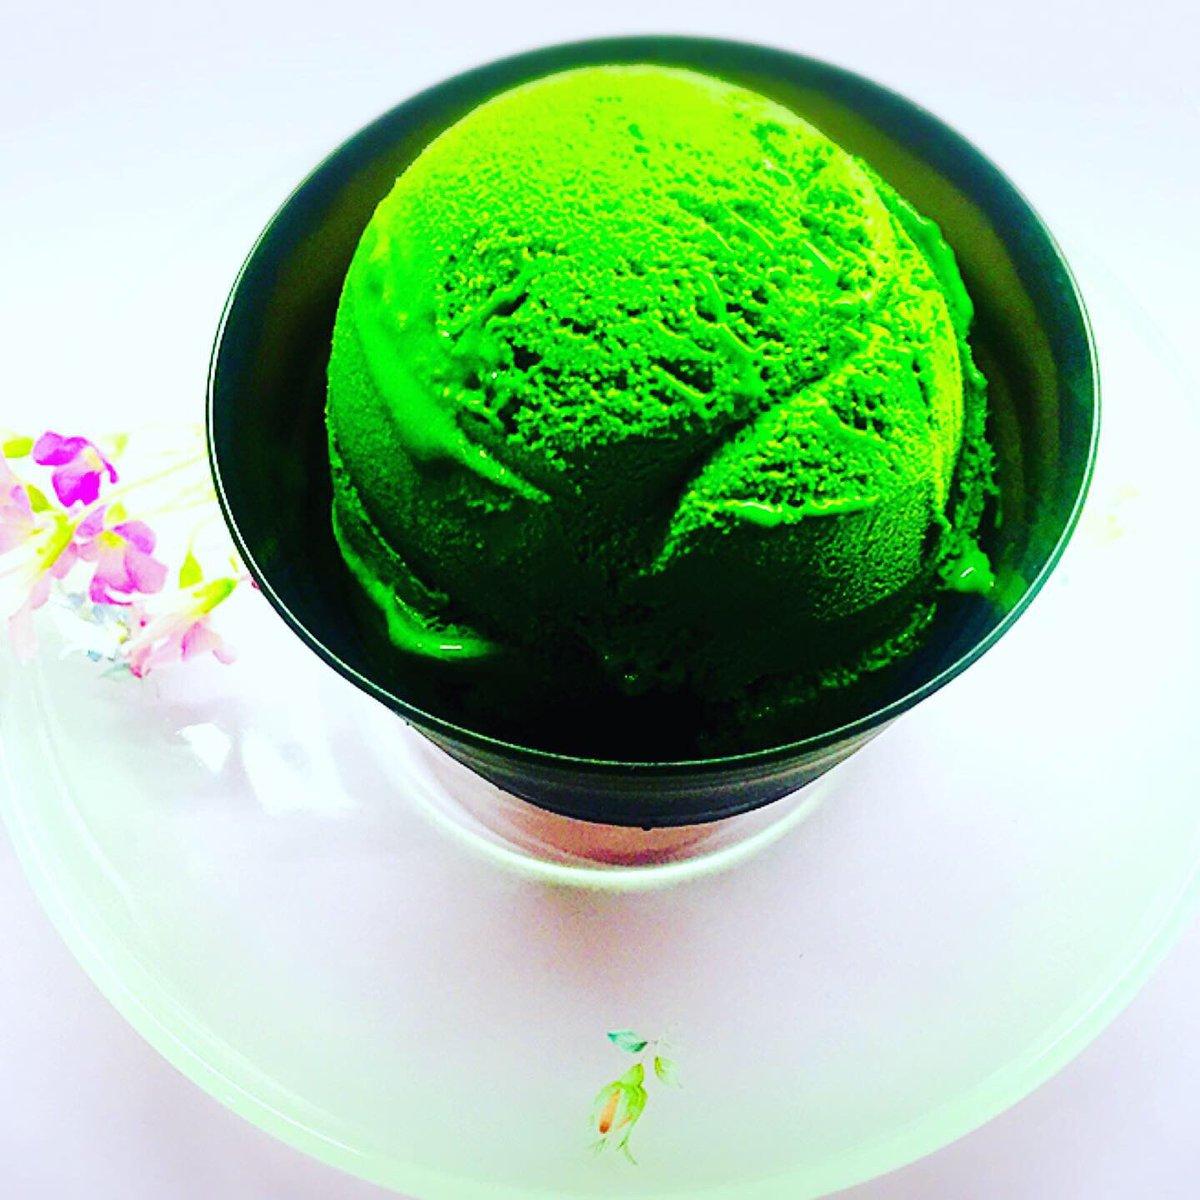 世界一濃い抹茶のジェラート ご用意しております! #ななや #ななや京都三条店  #世界一濃い抹茶ジェラート